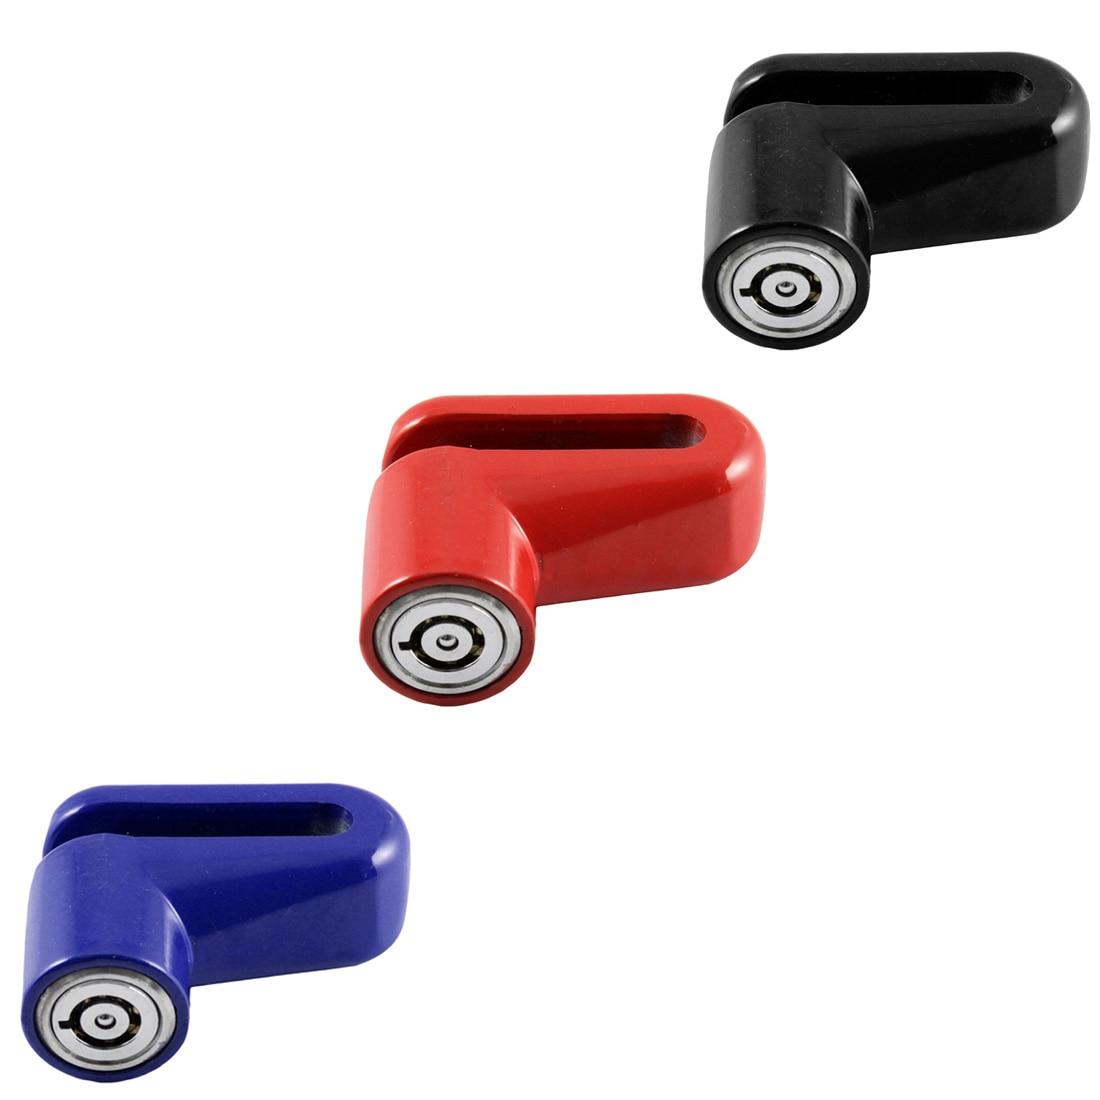 רכב-partment הגעה חדשה אופנוע אבטחת אופניים נעילת בלם דיסק גלגל יציב גנב אנטי מעורר דיסק דיסק בלם רוטור מנעול